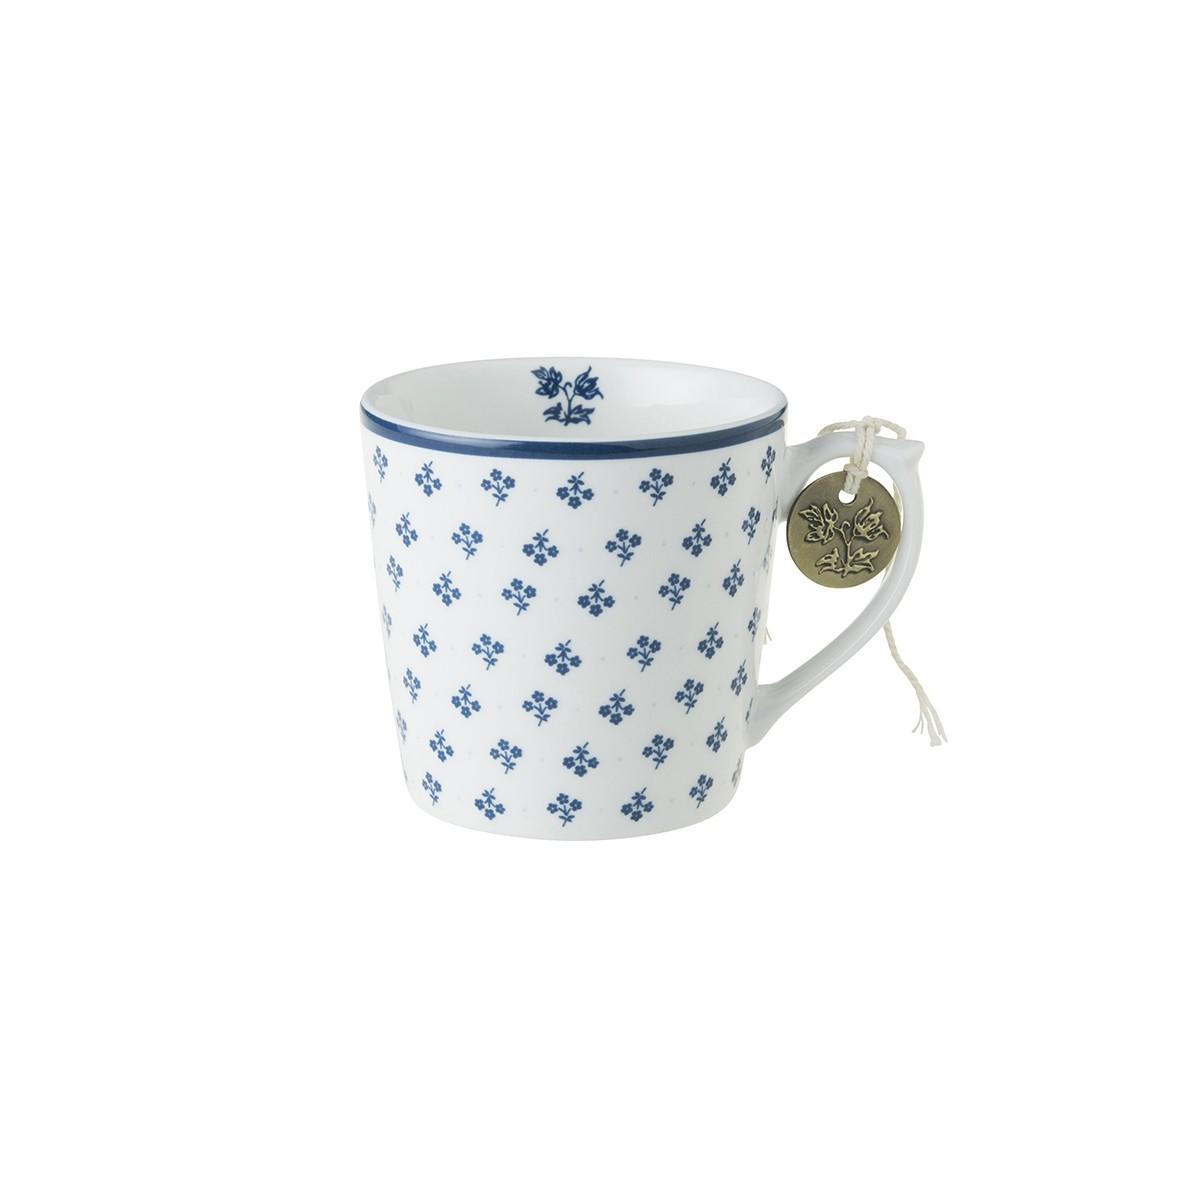 Κούπα Laura Ashley Petit Fleur Fine Bone China 220ml home   ειδη cafe τσαϊ   κούπες   φλυτζάνια